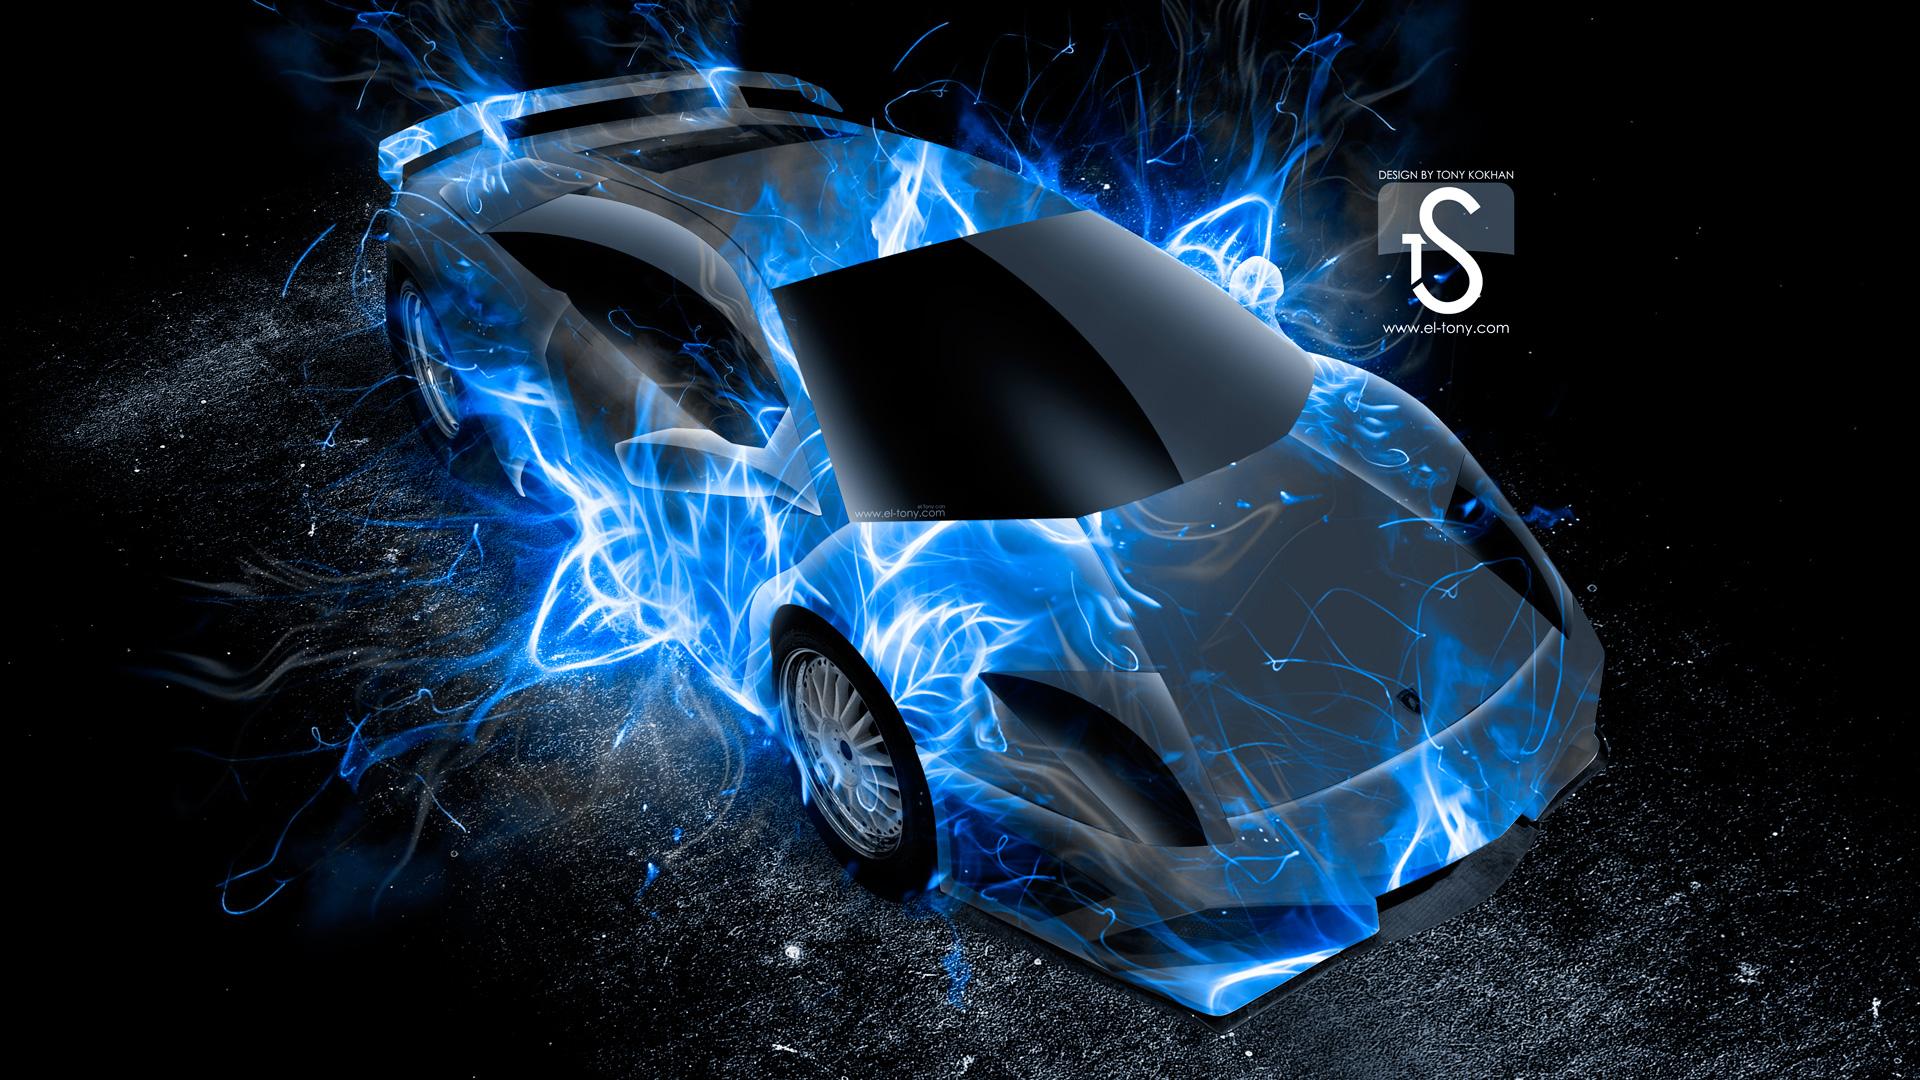 Blue Fire Hd Lamborghini murcielago up fire 1920x1080